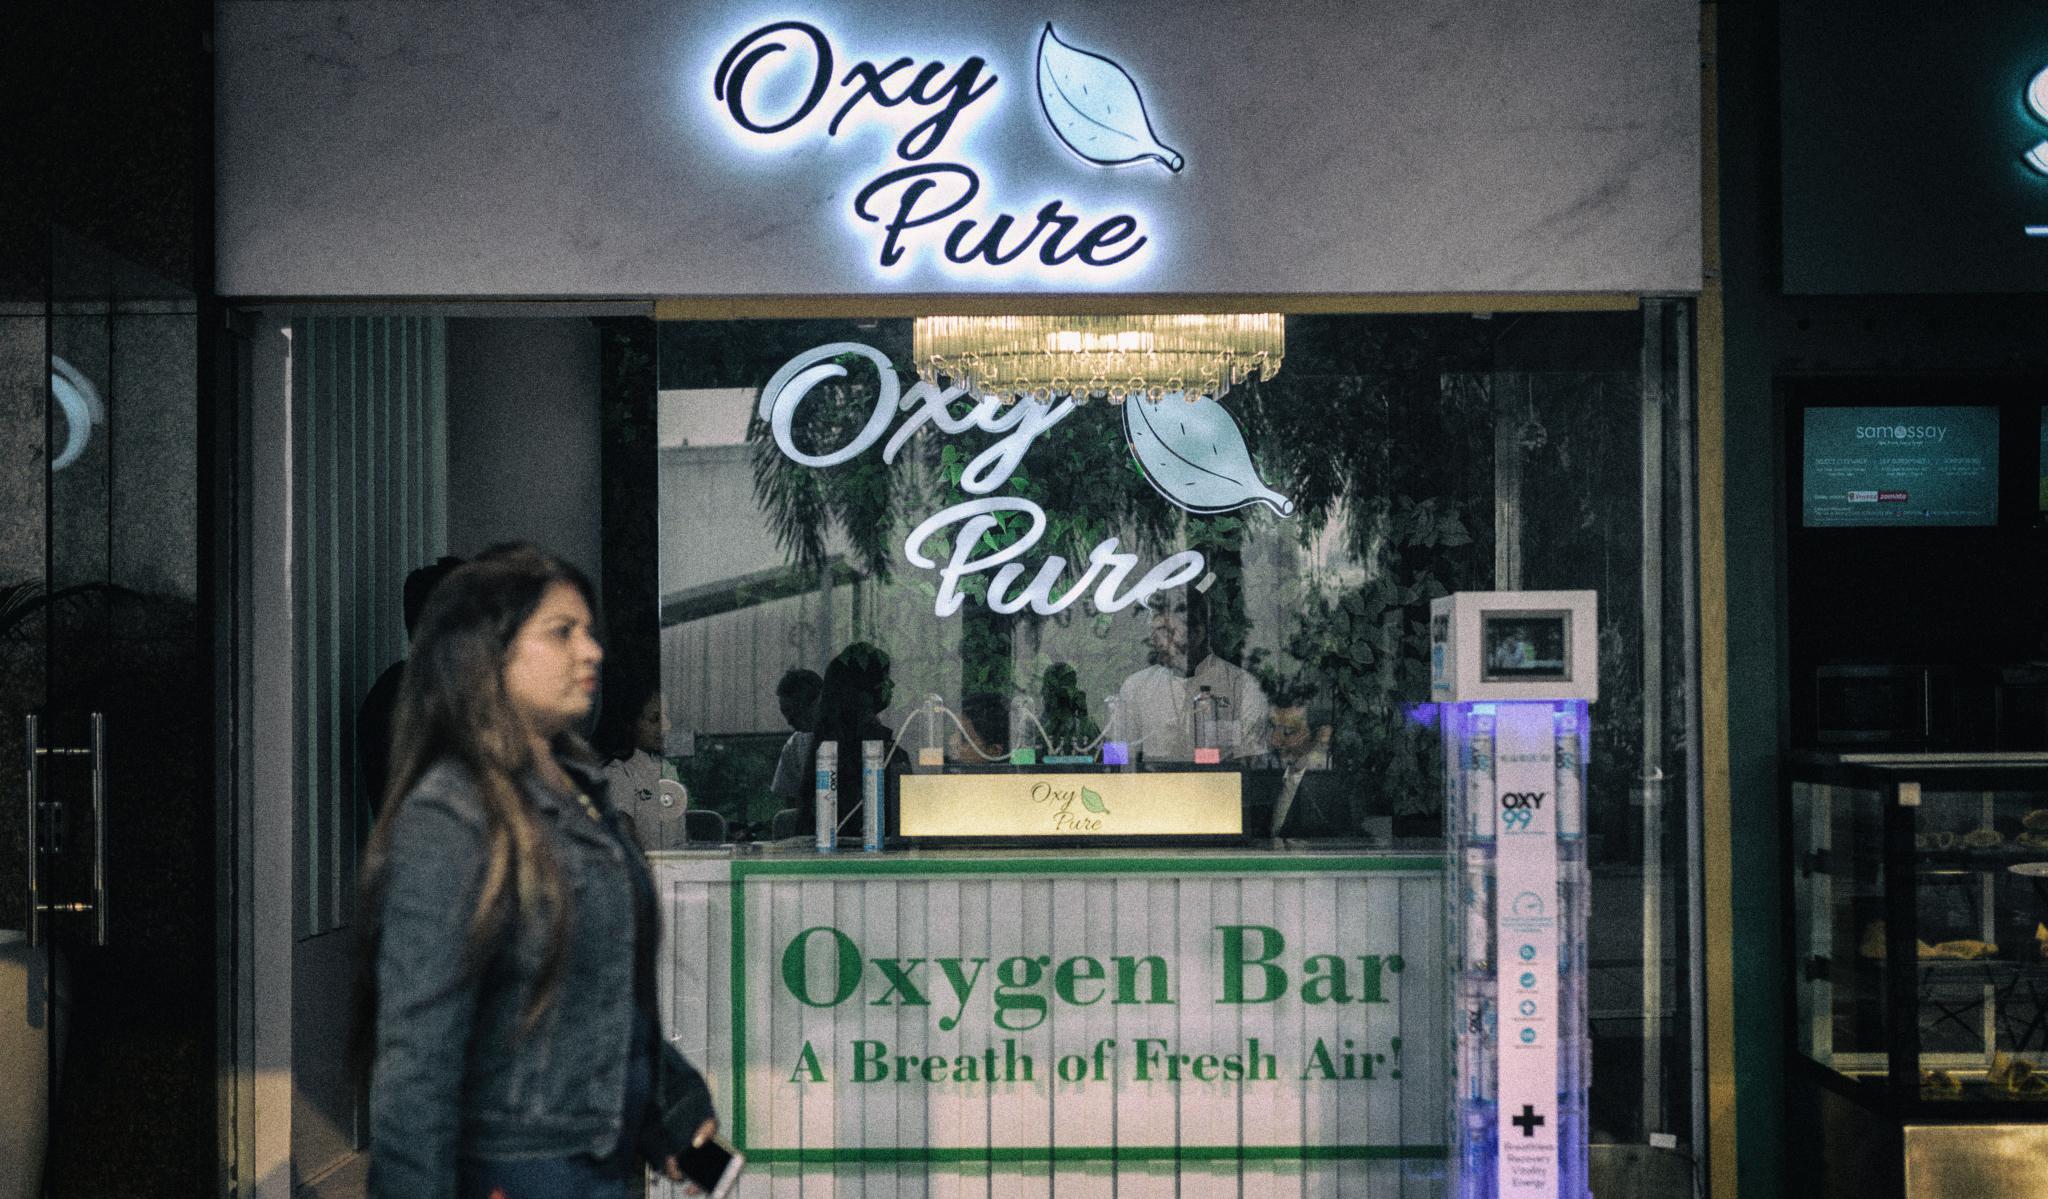 Индийские бары начали торговать чистым воздухом